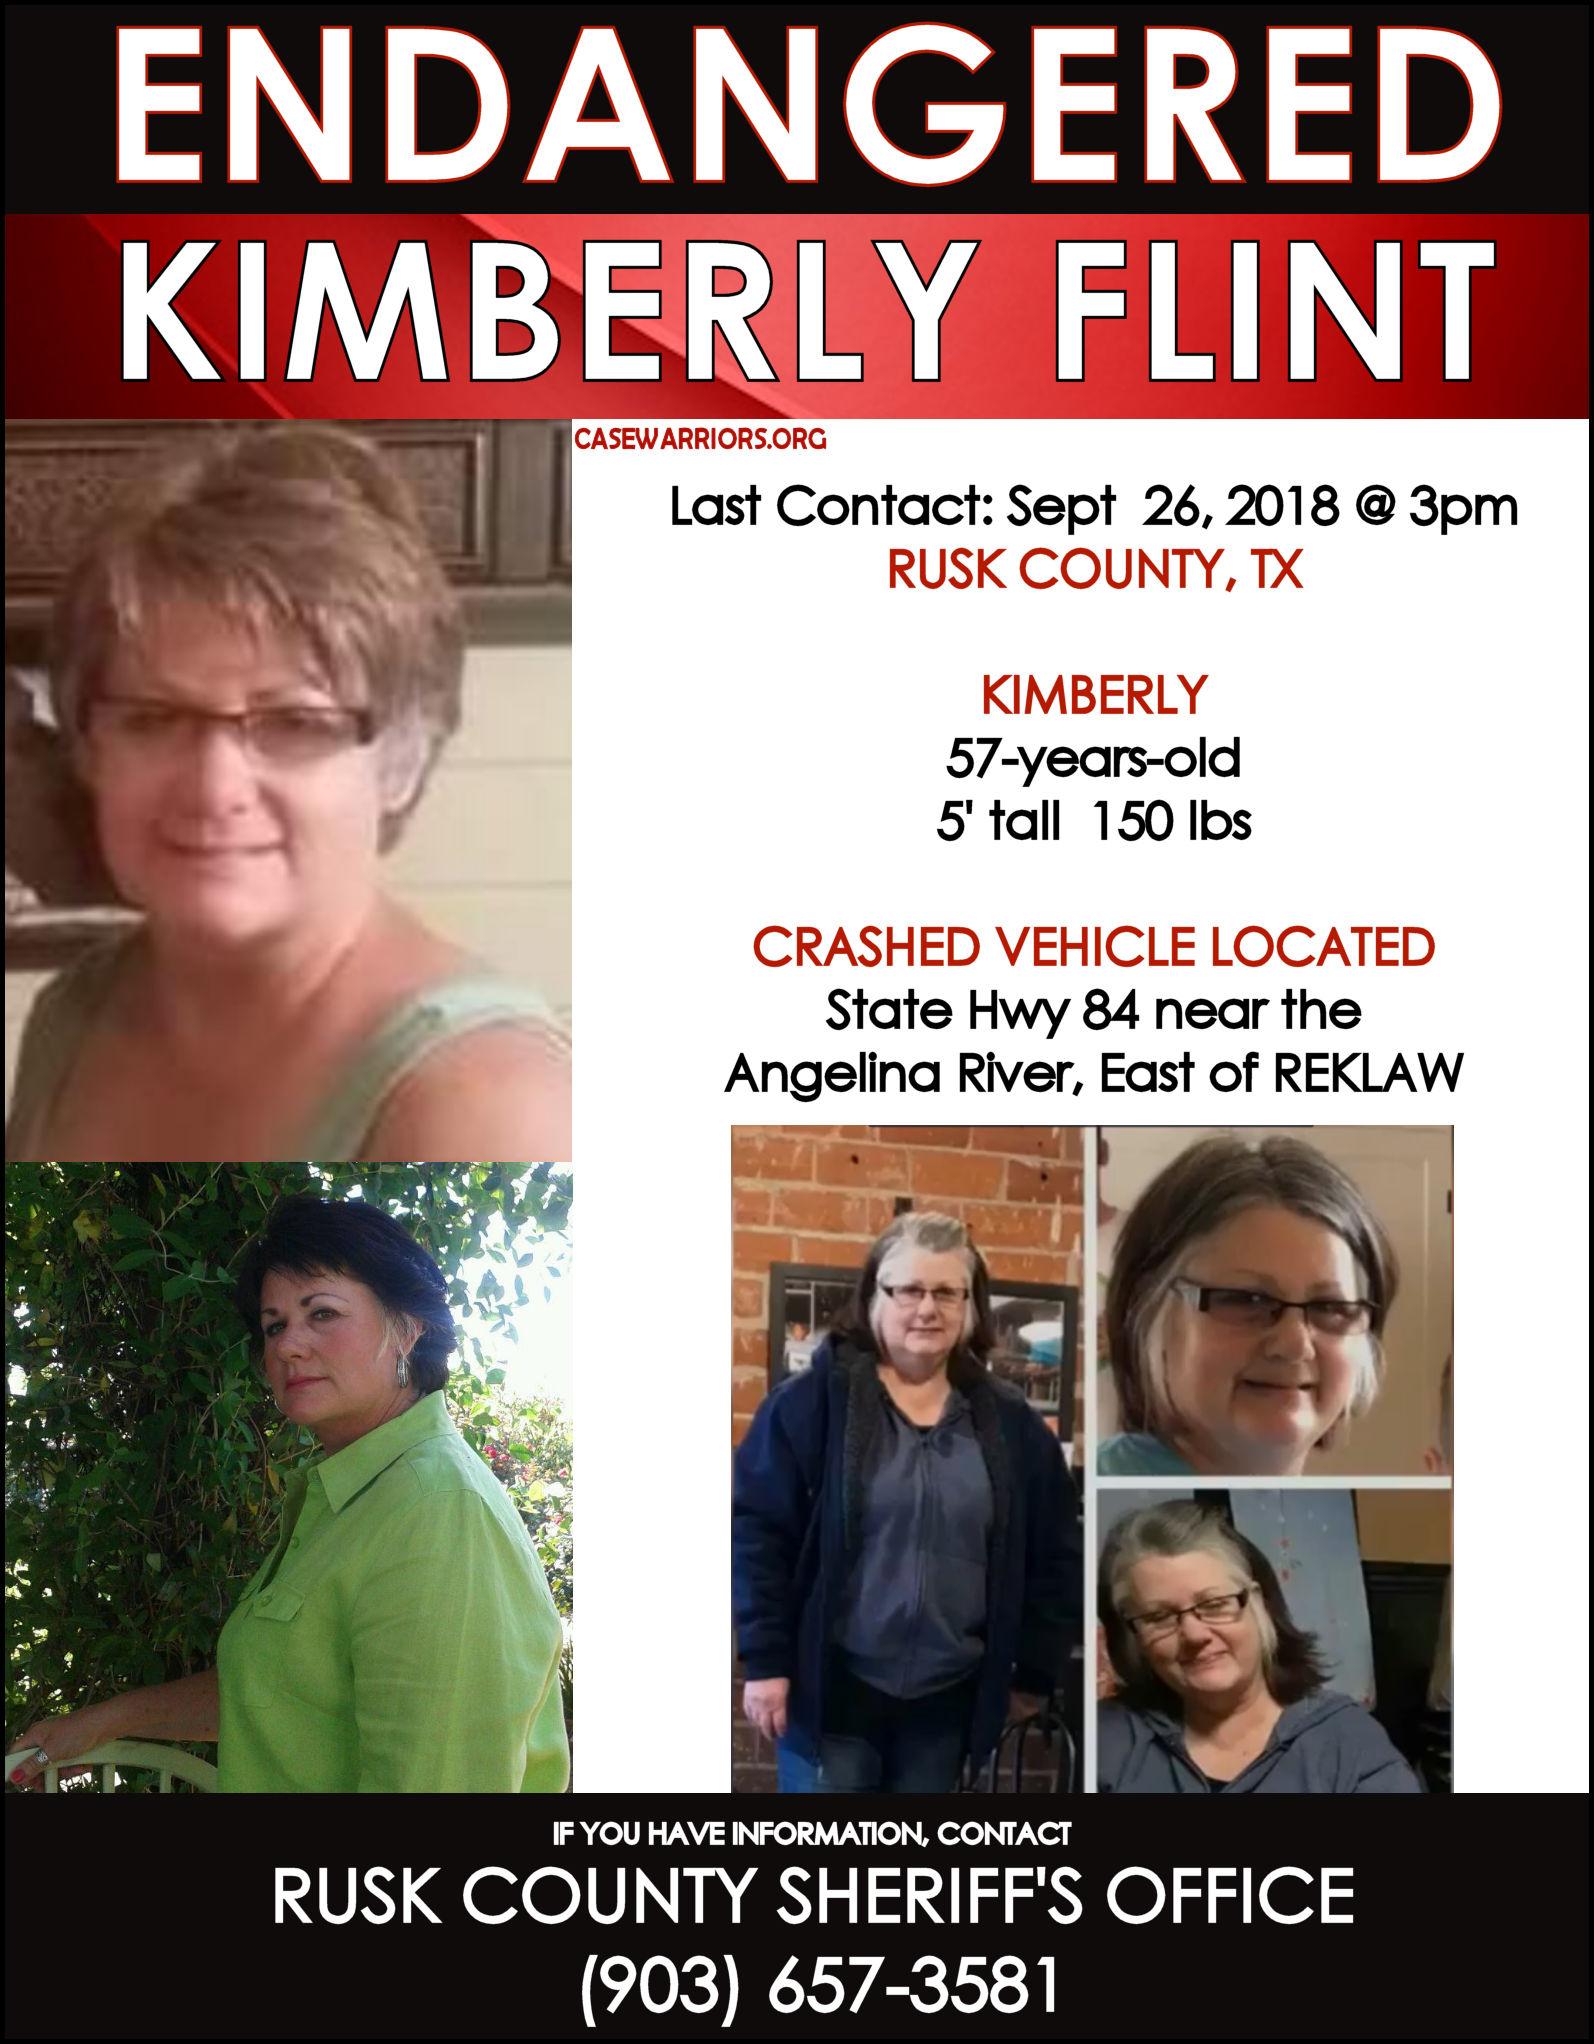 KIMBERLY FLINT